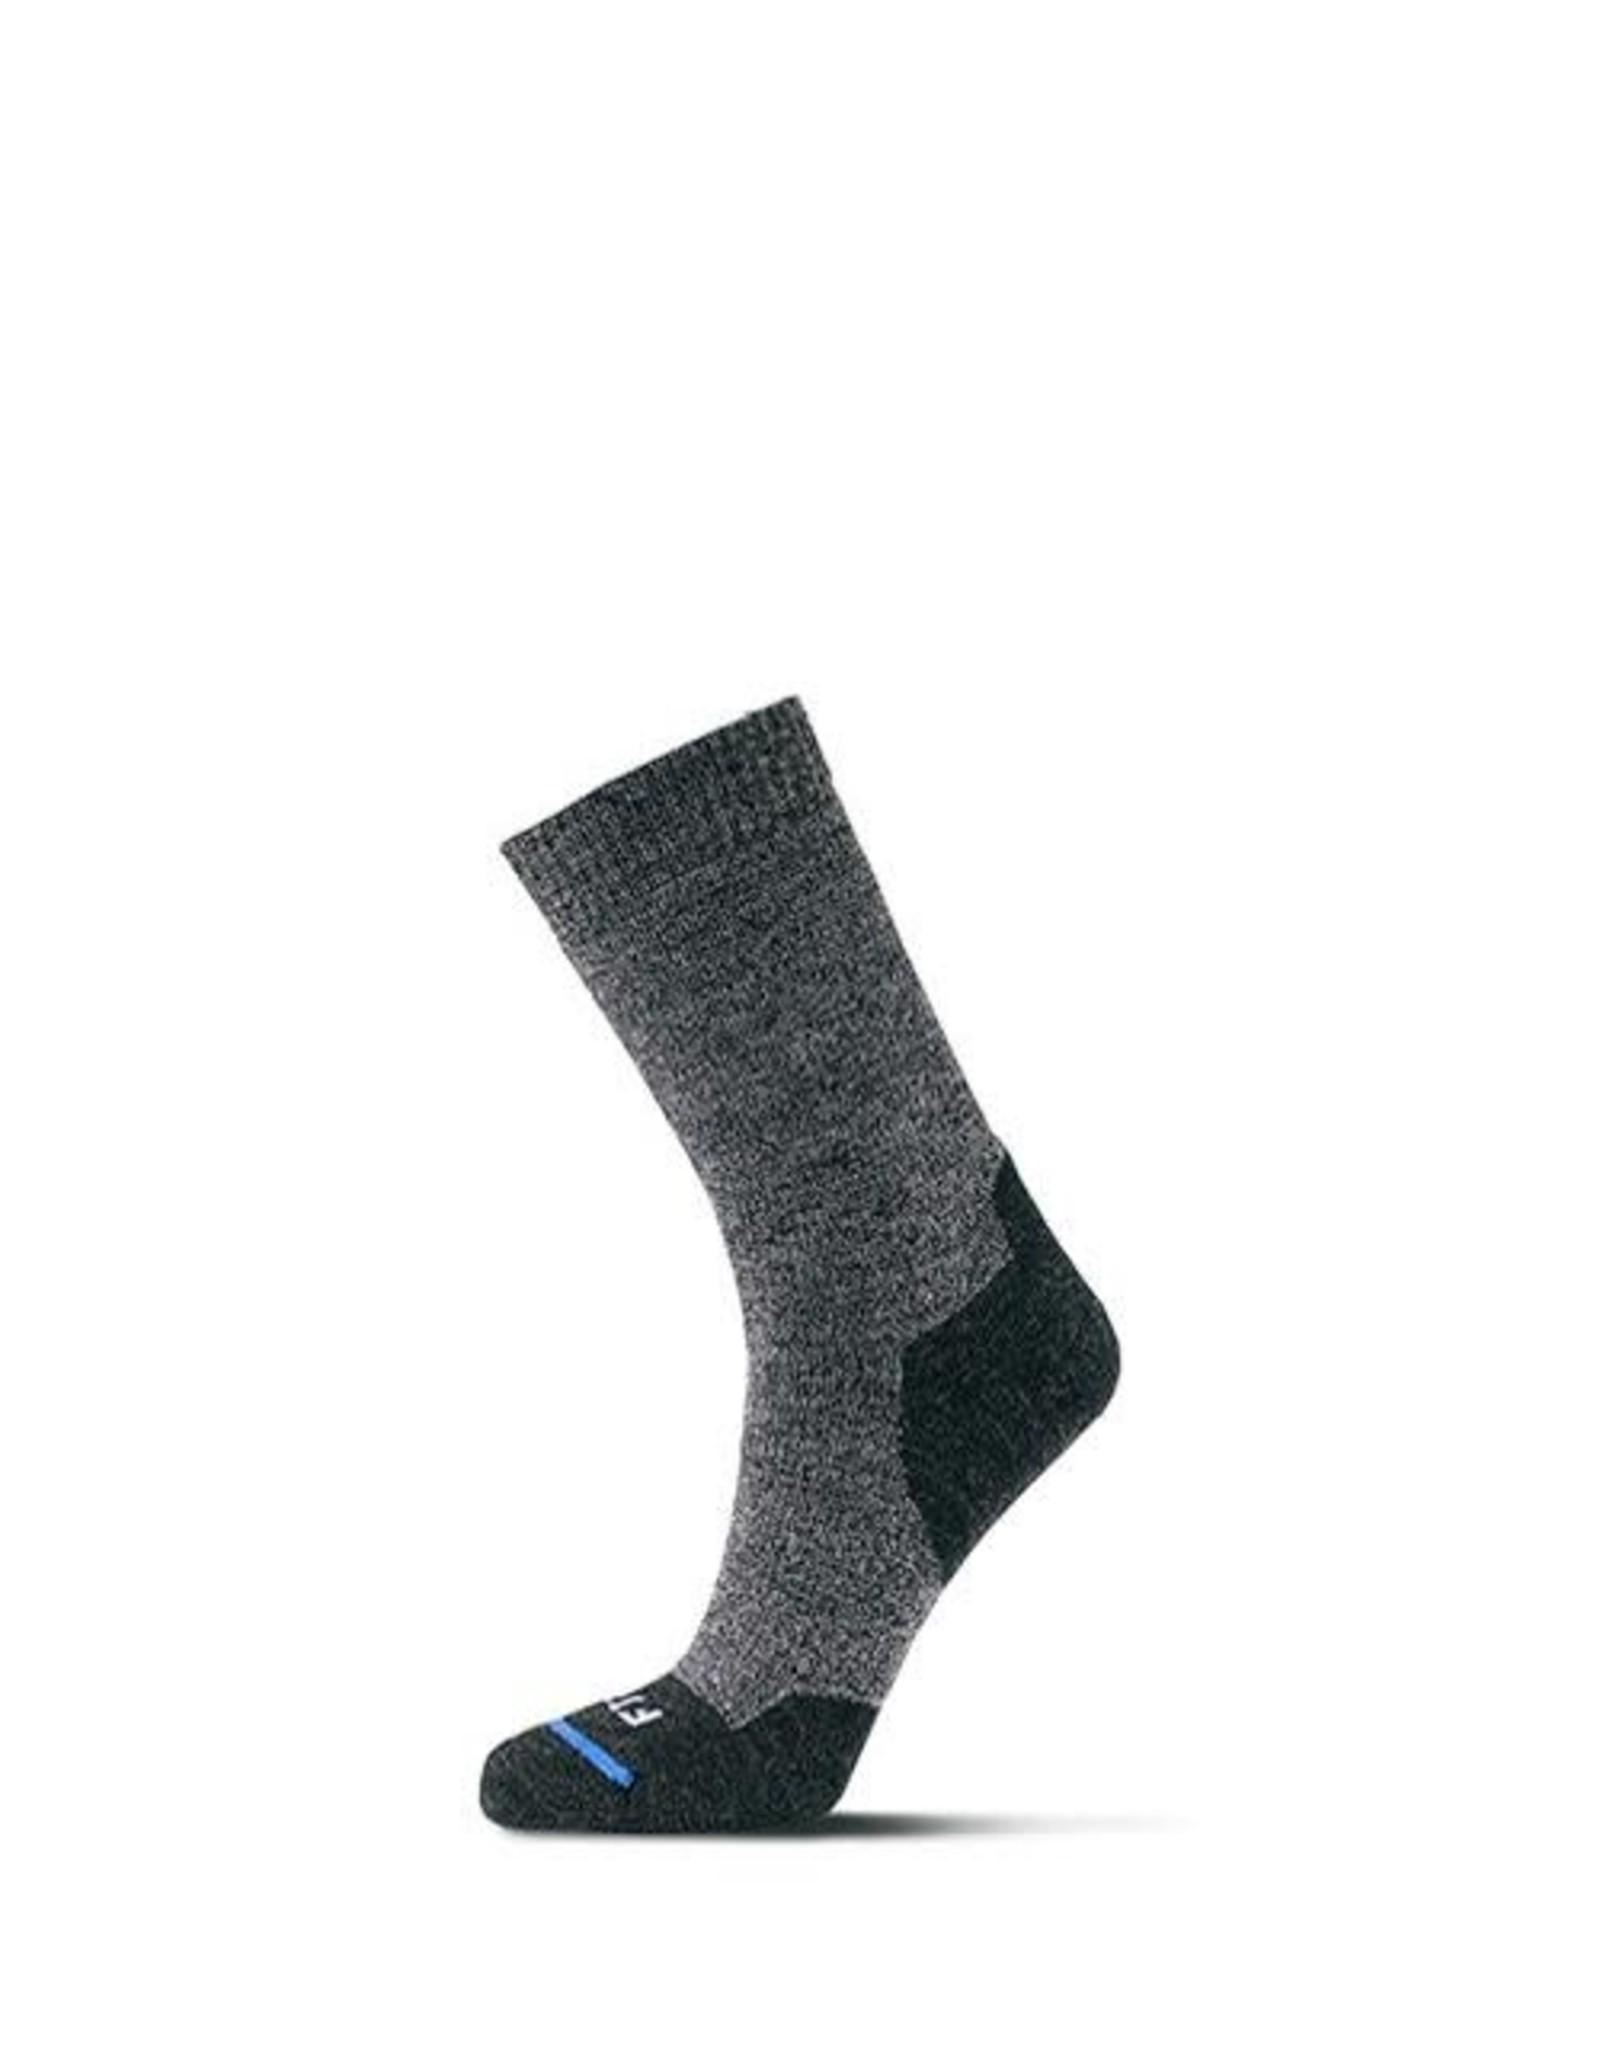 FITS FITS Medium Nordic Crew Sock